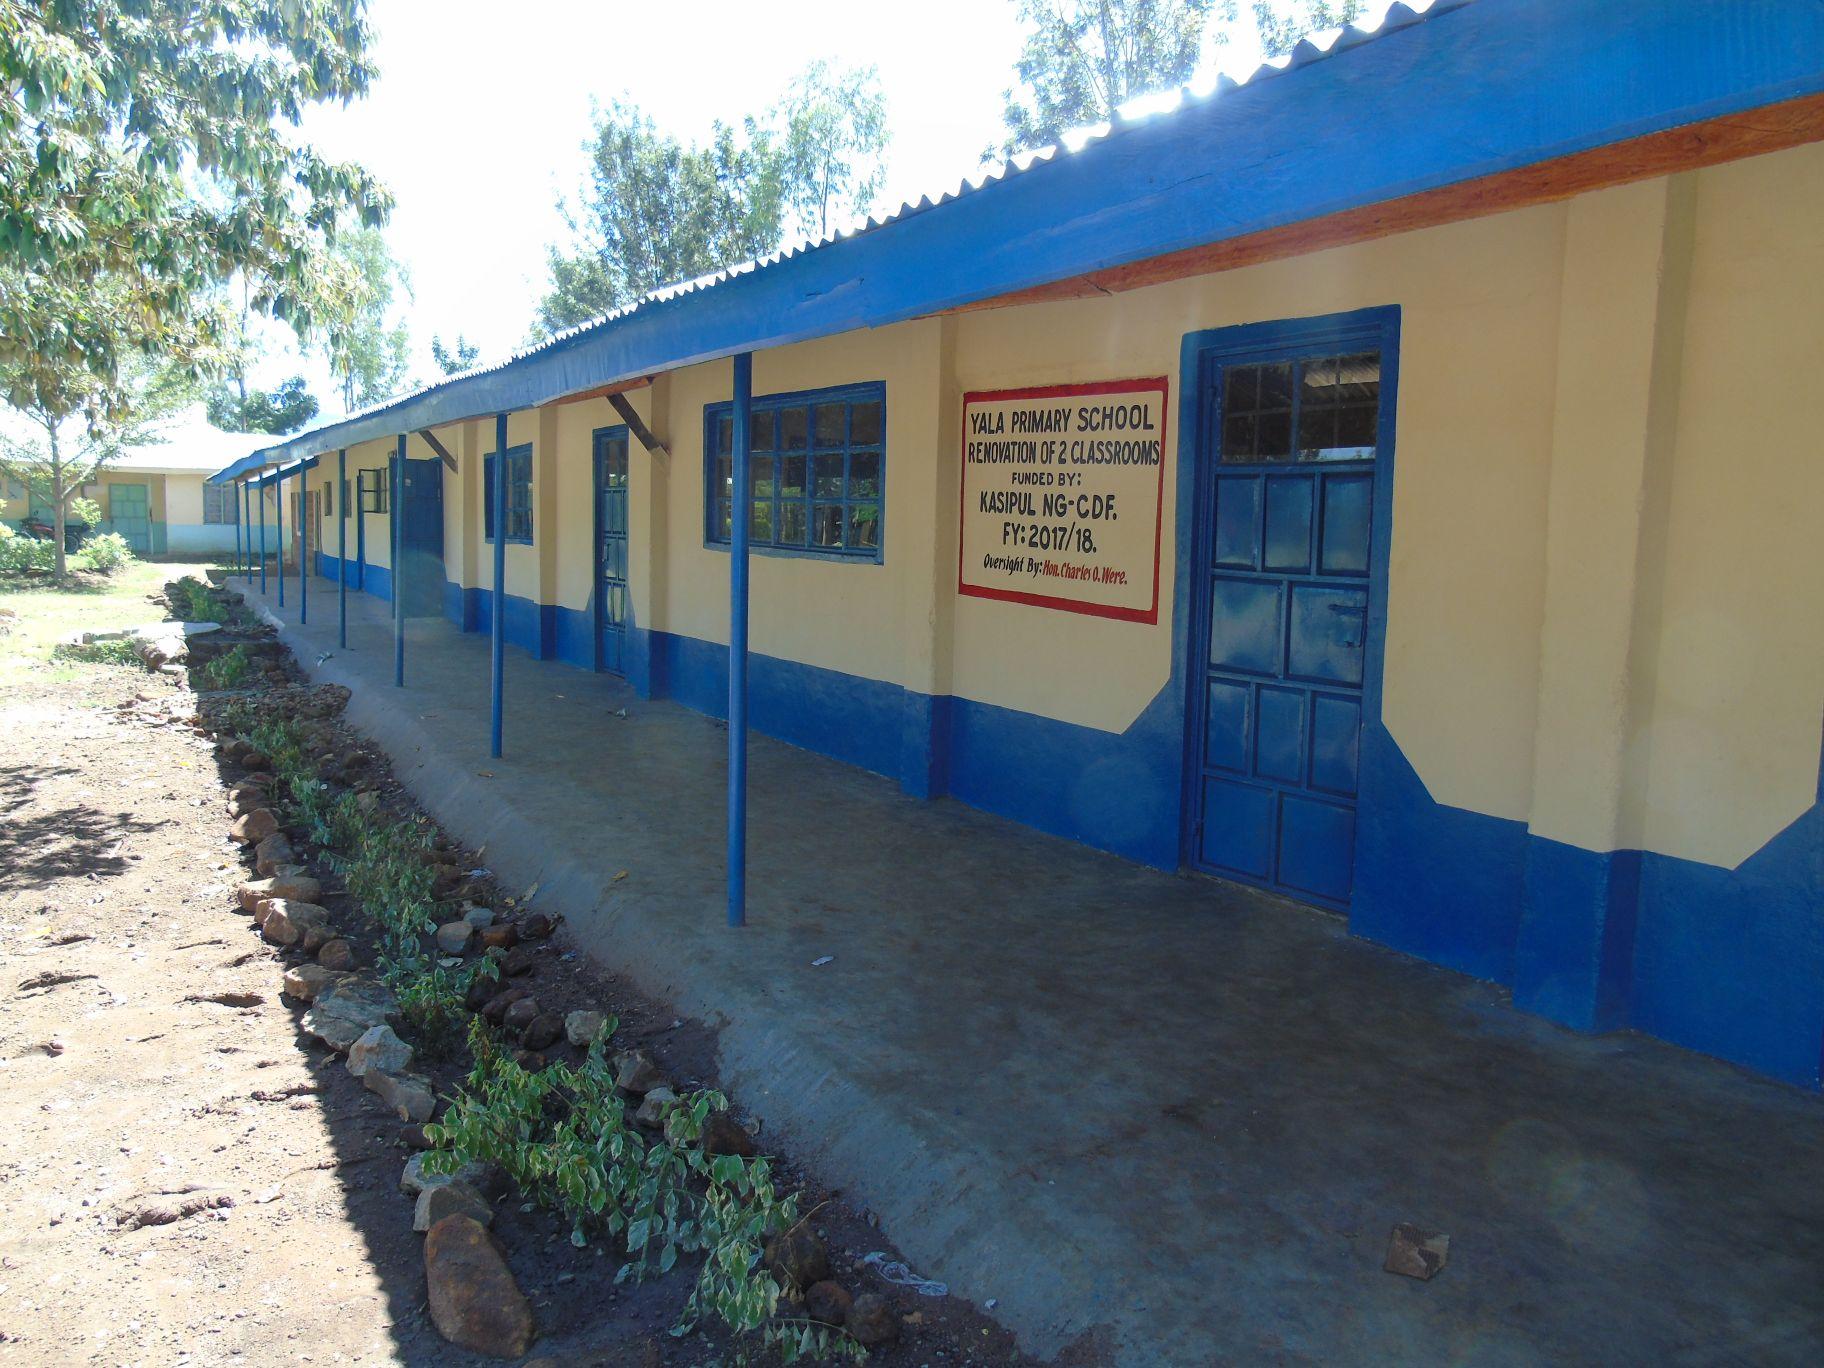 Yala Primary